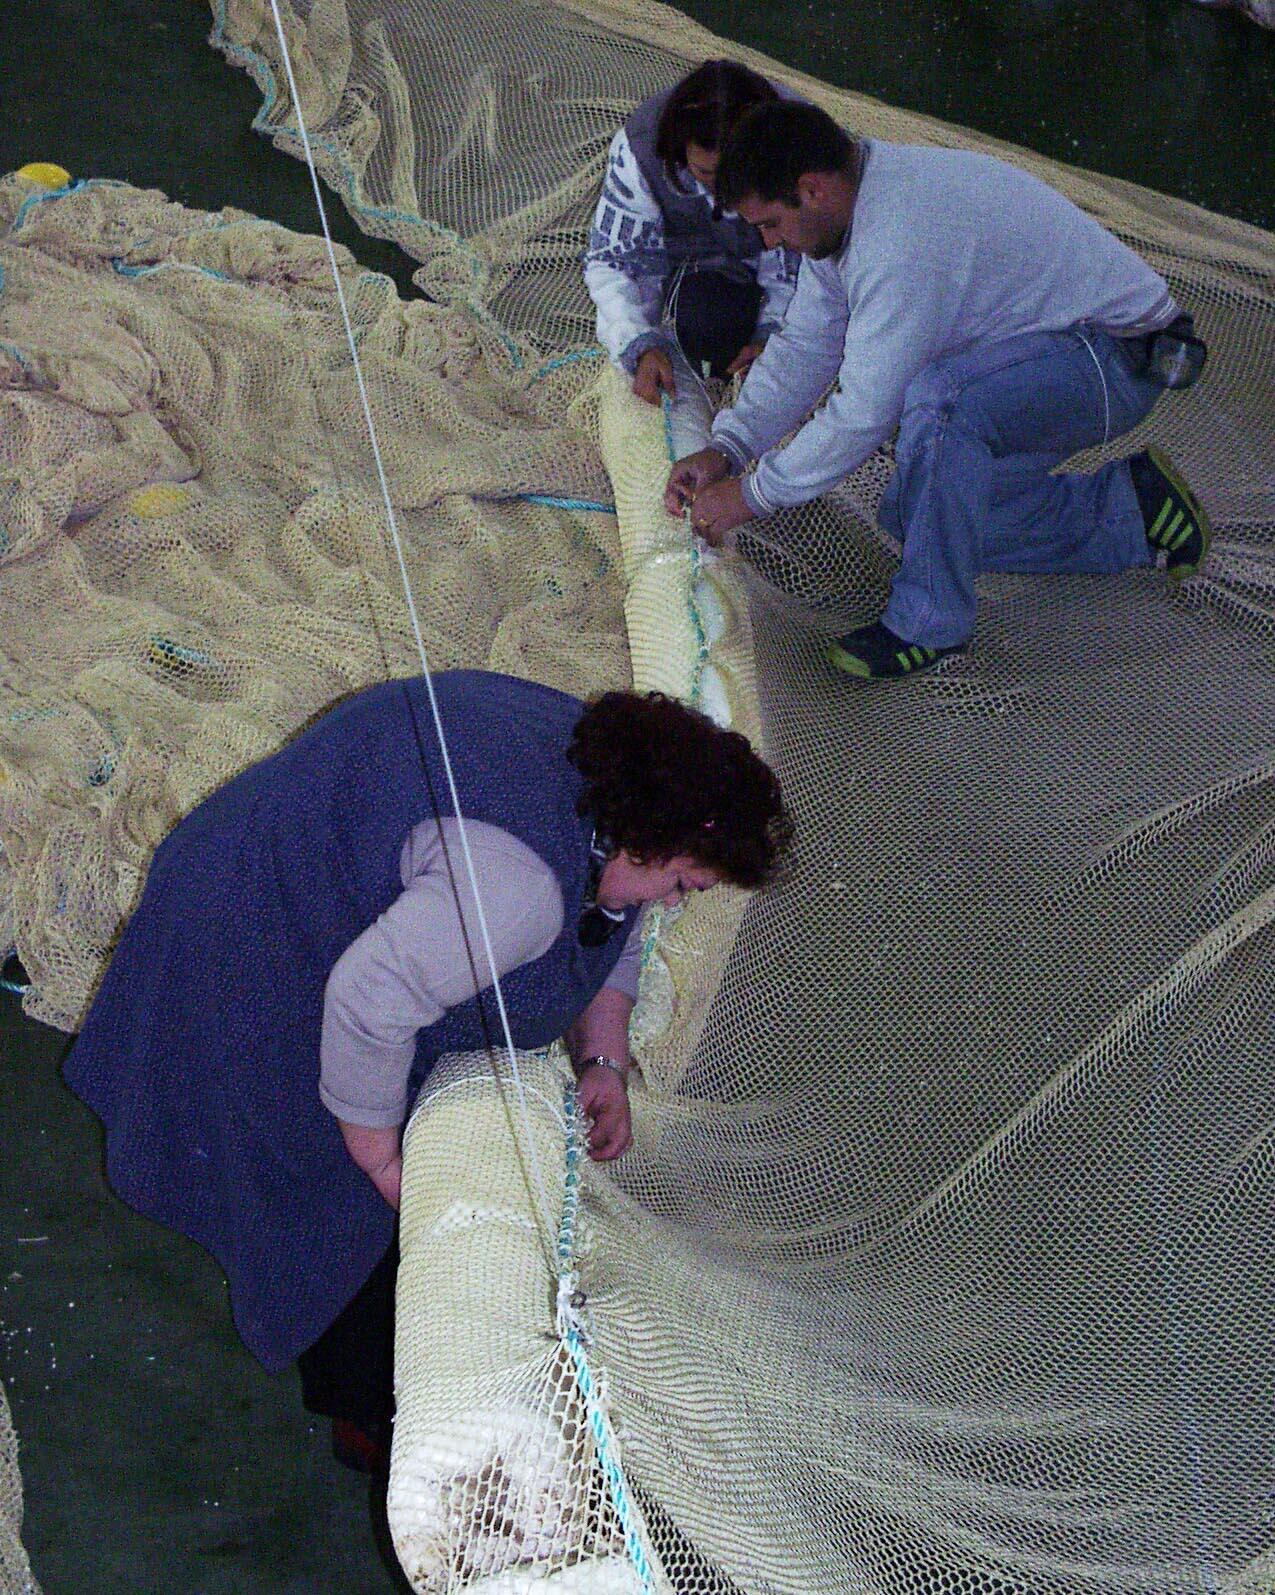 Preparación de redes para emplear contra la marea negra <br>Carmen Valiño